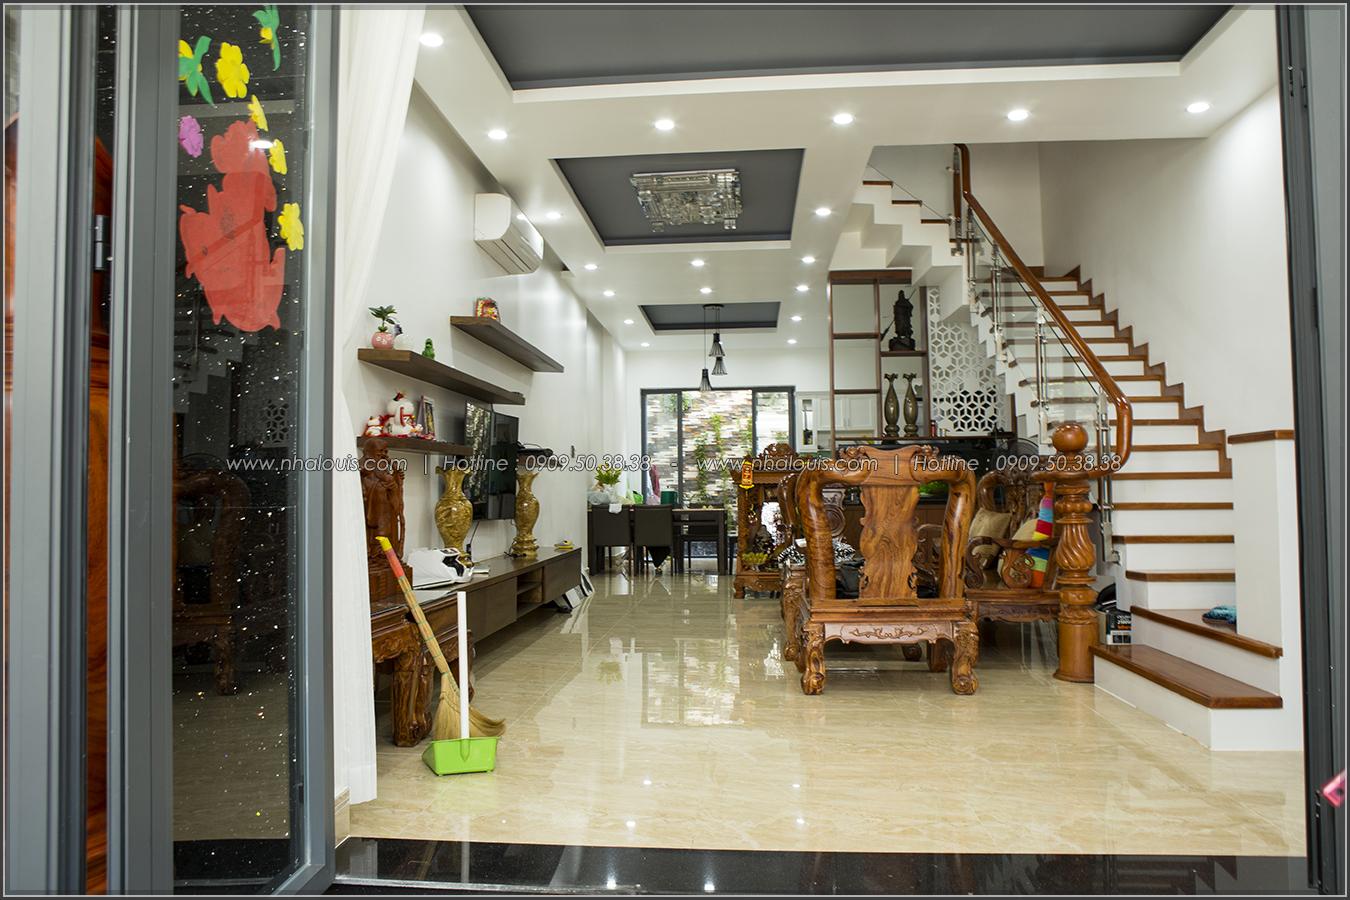 Thiết kế thi công nhà phố liền kề 5m x20m 3 tầng tại KDC Bình Phú quận 6 - 07